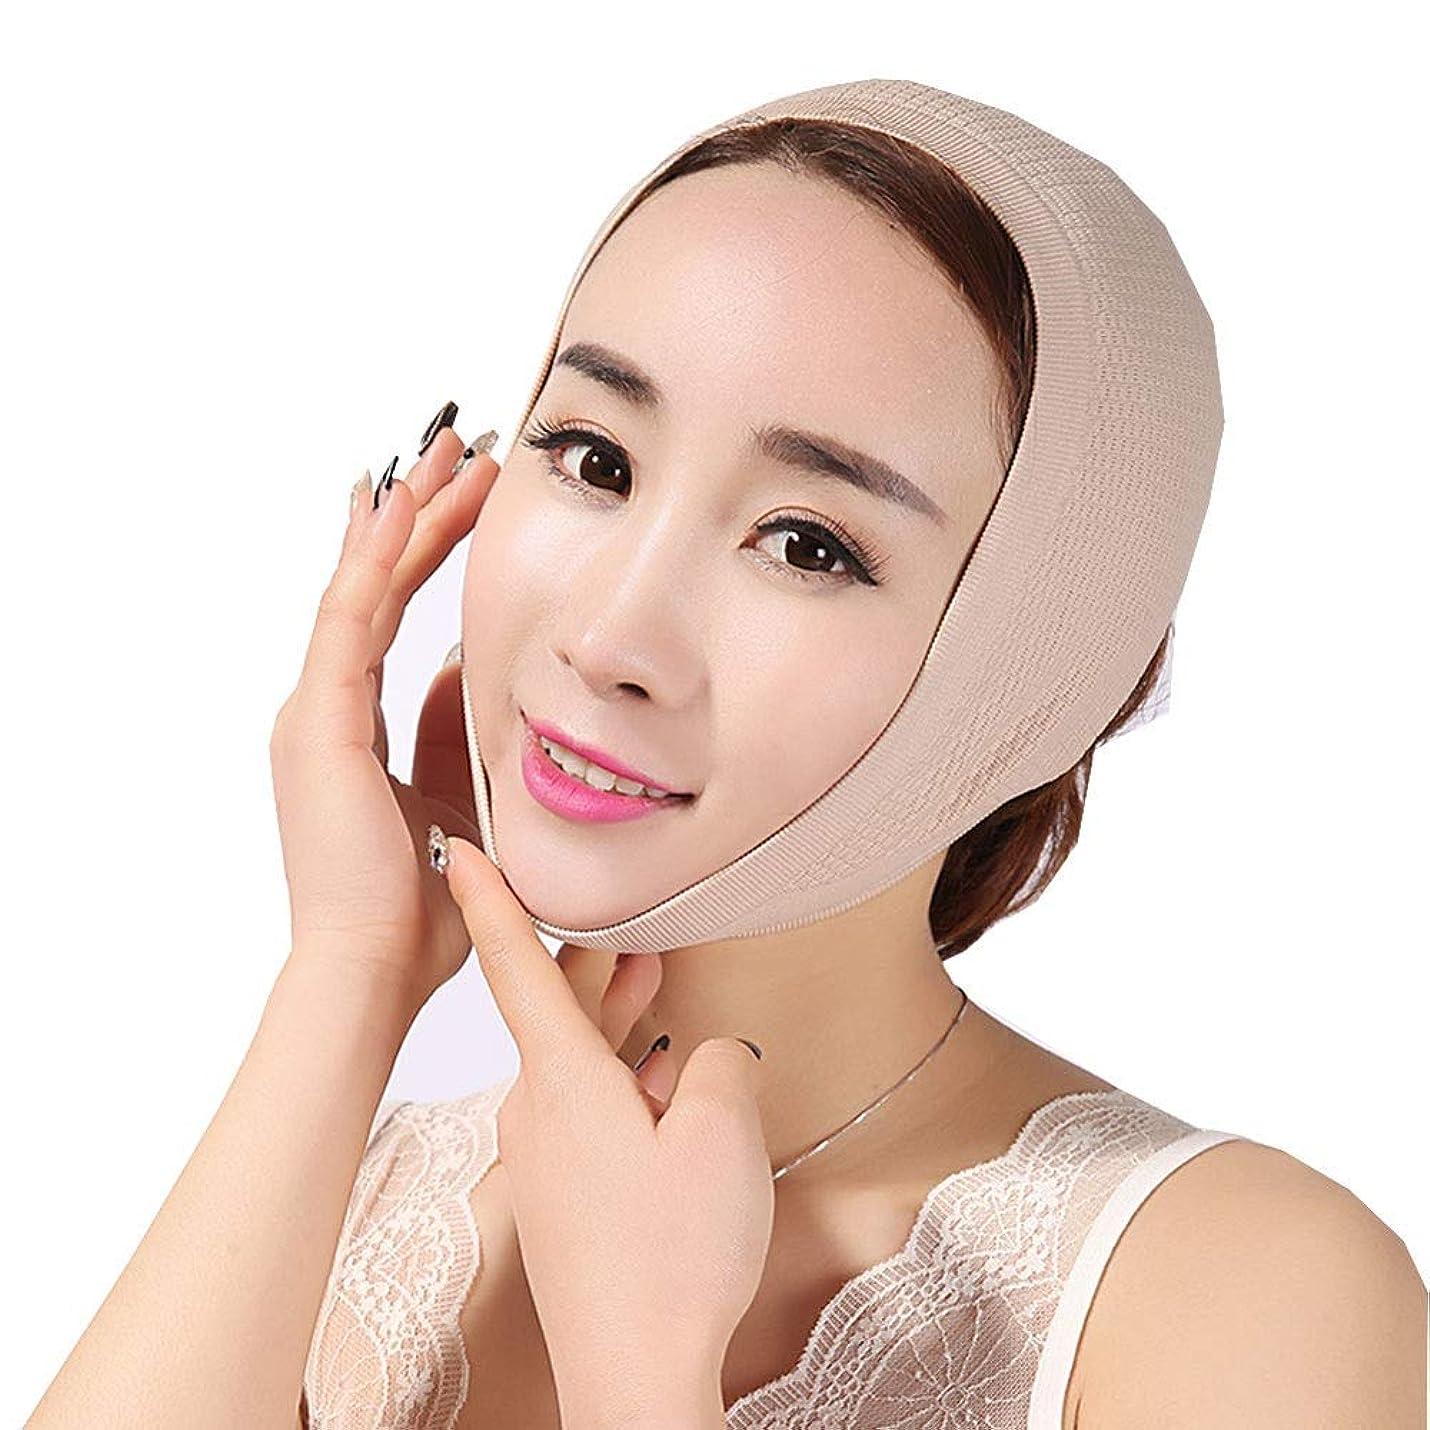 データベース悩みお尻Minmin フェイスマスクで眠る薄い顔フェイスリフトフェイスリフトアーティファクトスモールフェイスVフェイスリフト付きフェイスフェイス包帯引き上げジョーセット みんみんVラインフェイスマスク